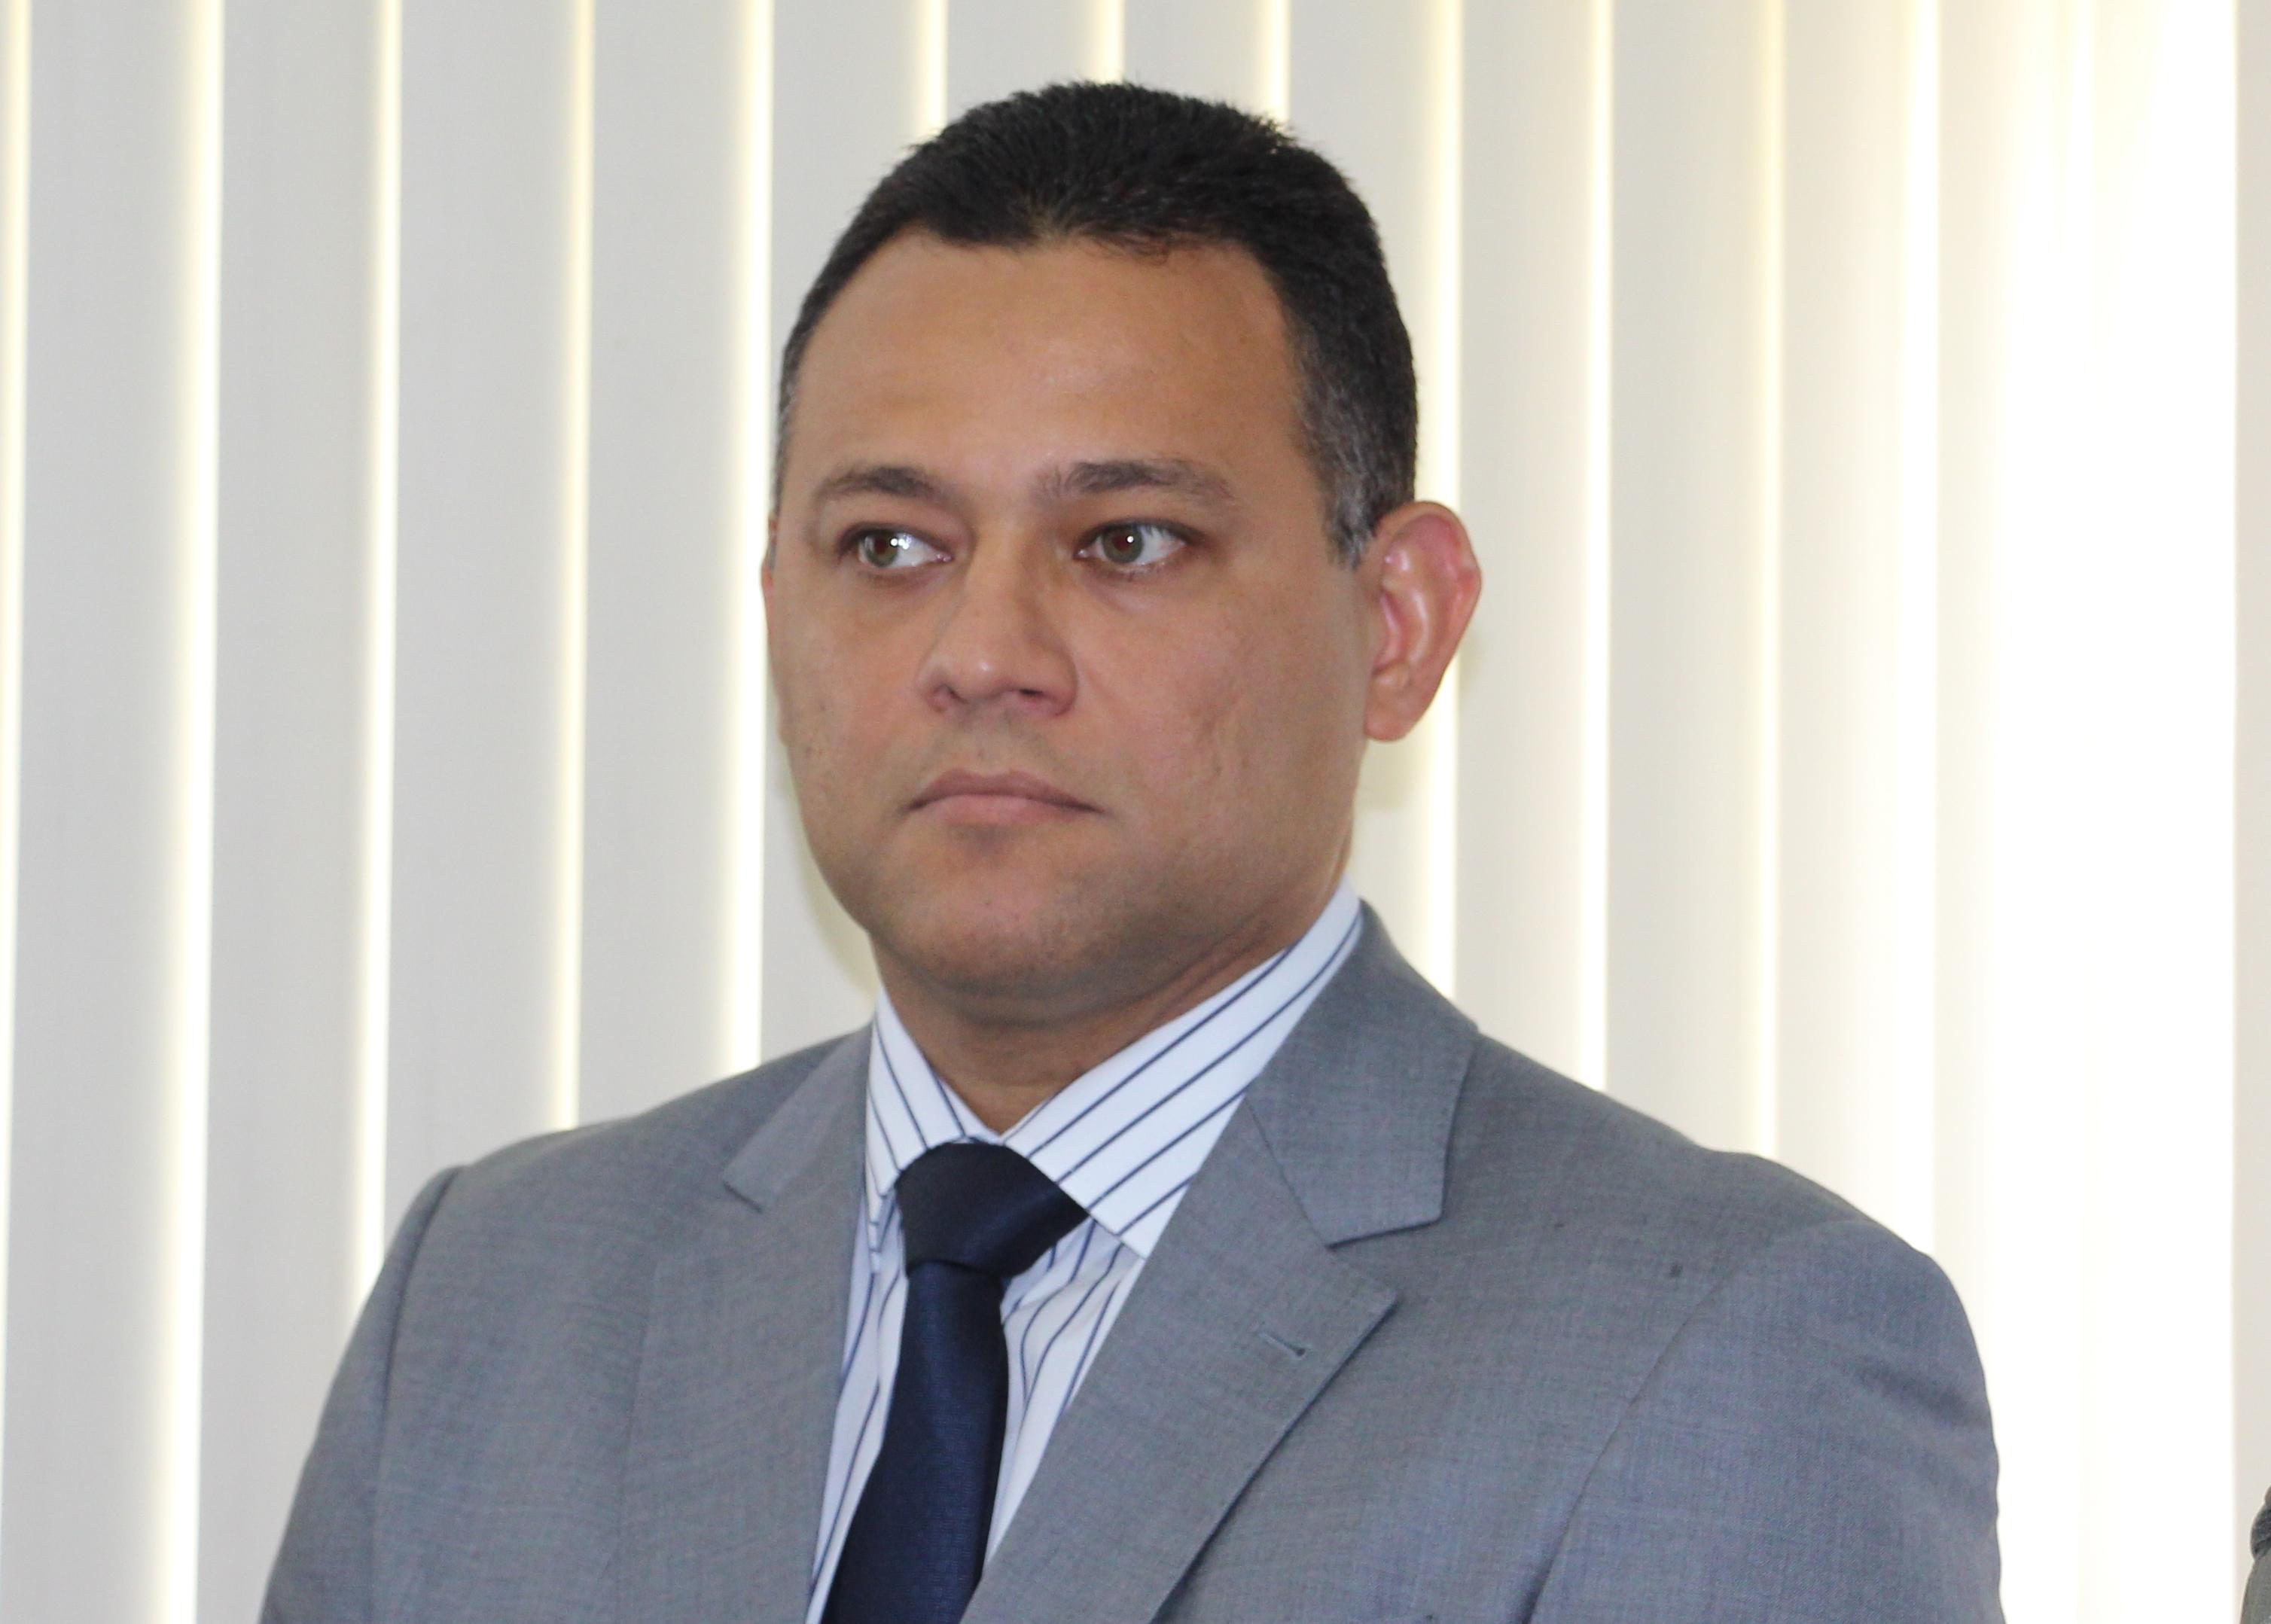 Delegado geral da Polícia Civil do Piauí Riedel Batista